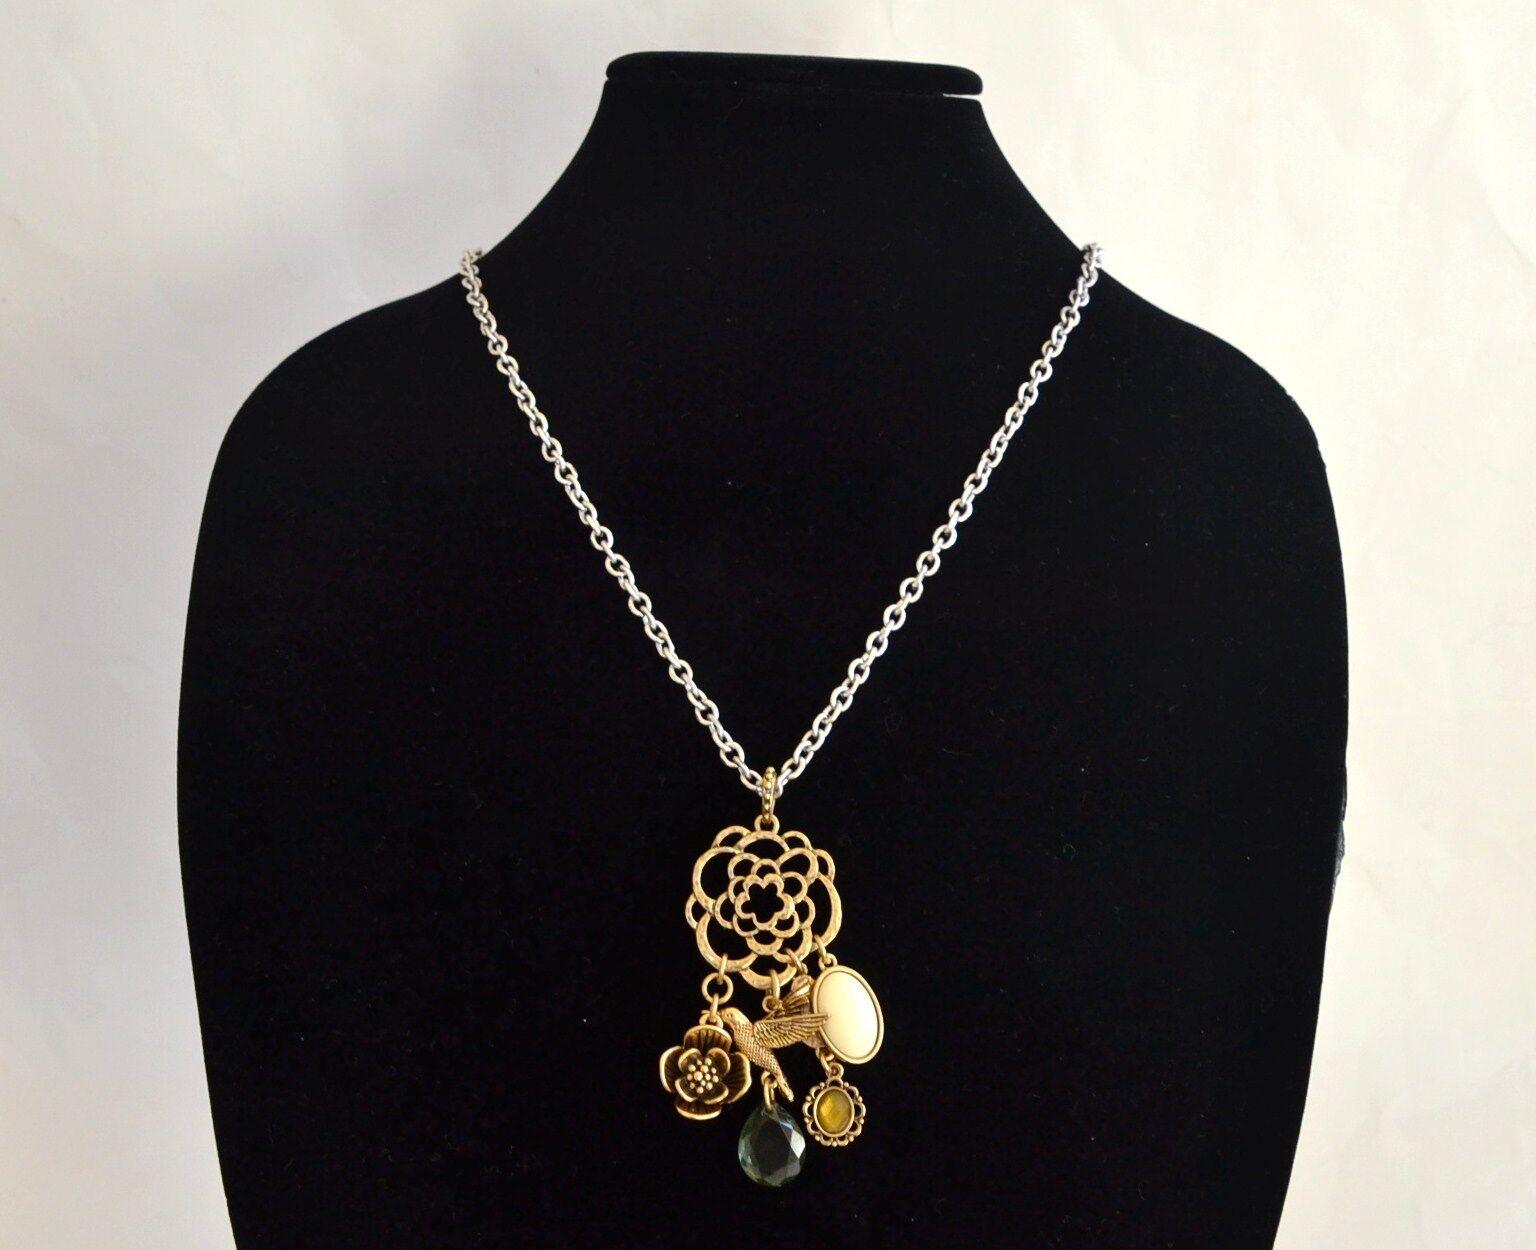 Nuovo - Lucky Brand argentoo + Colore oro oro oro Fiore Misto Donna Collana c6c4bc